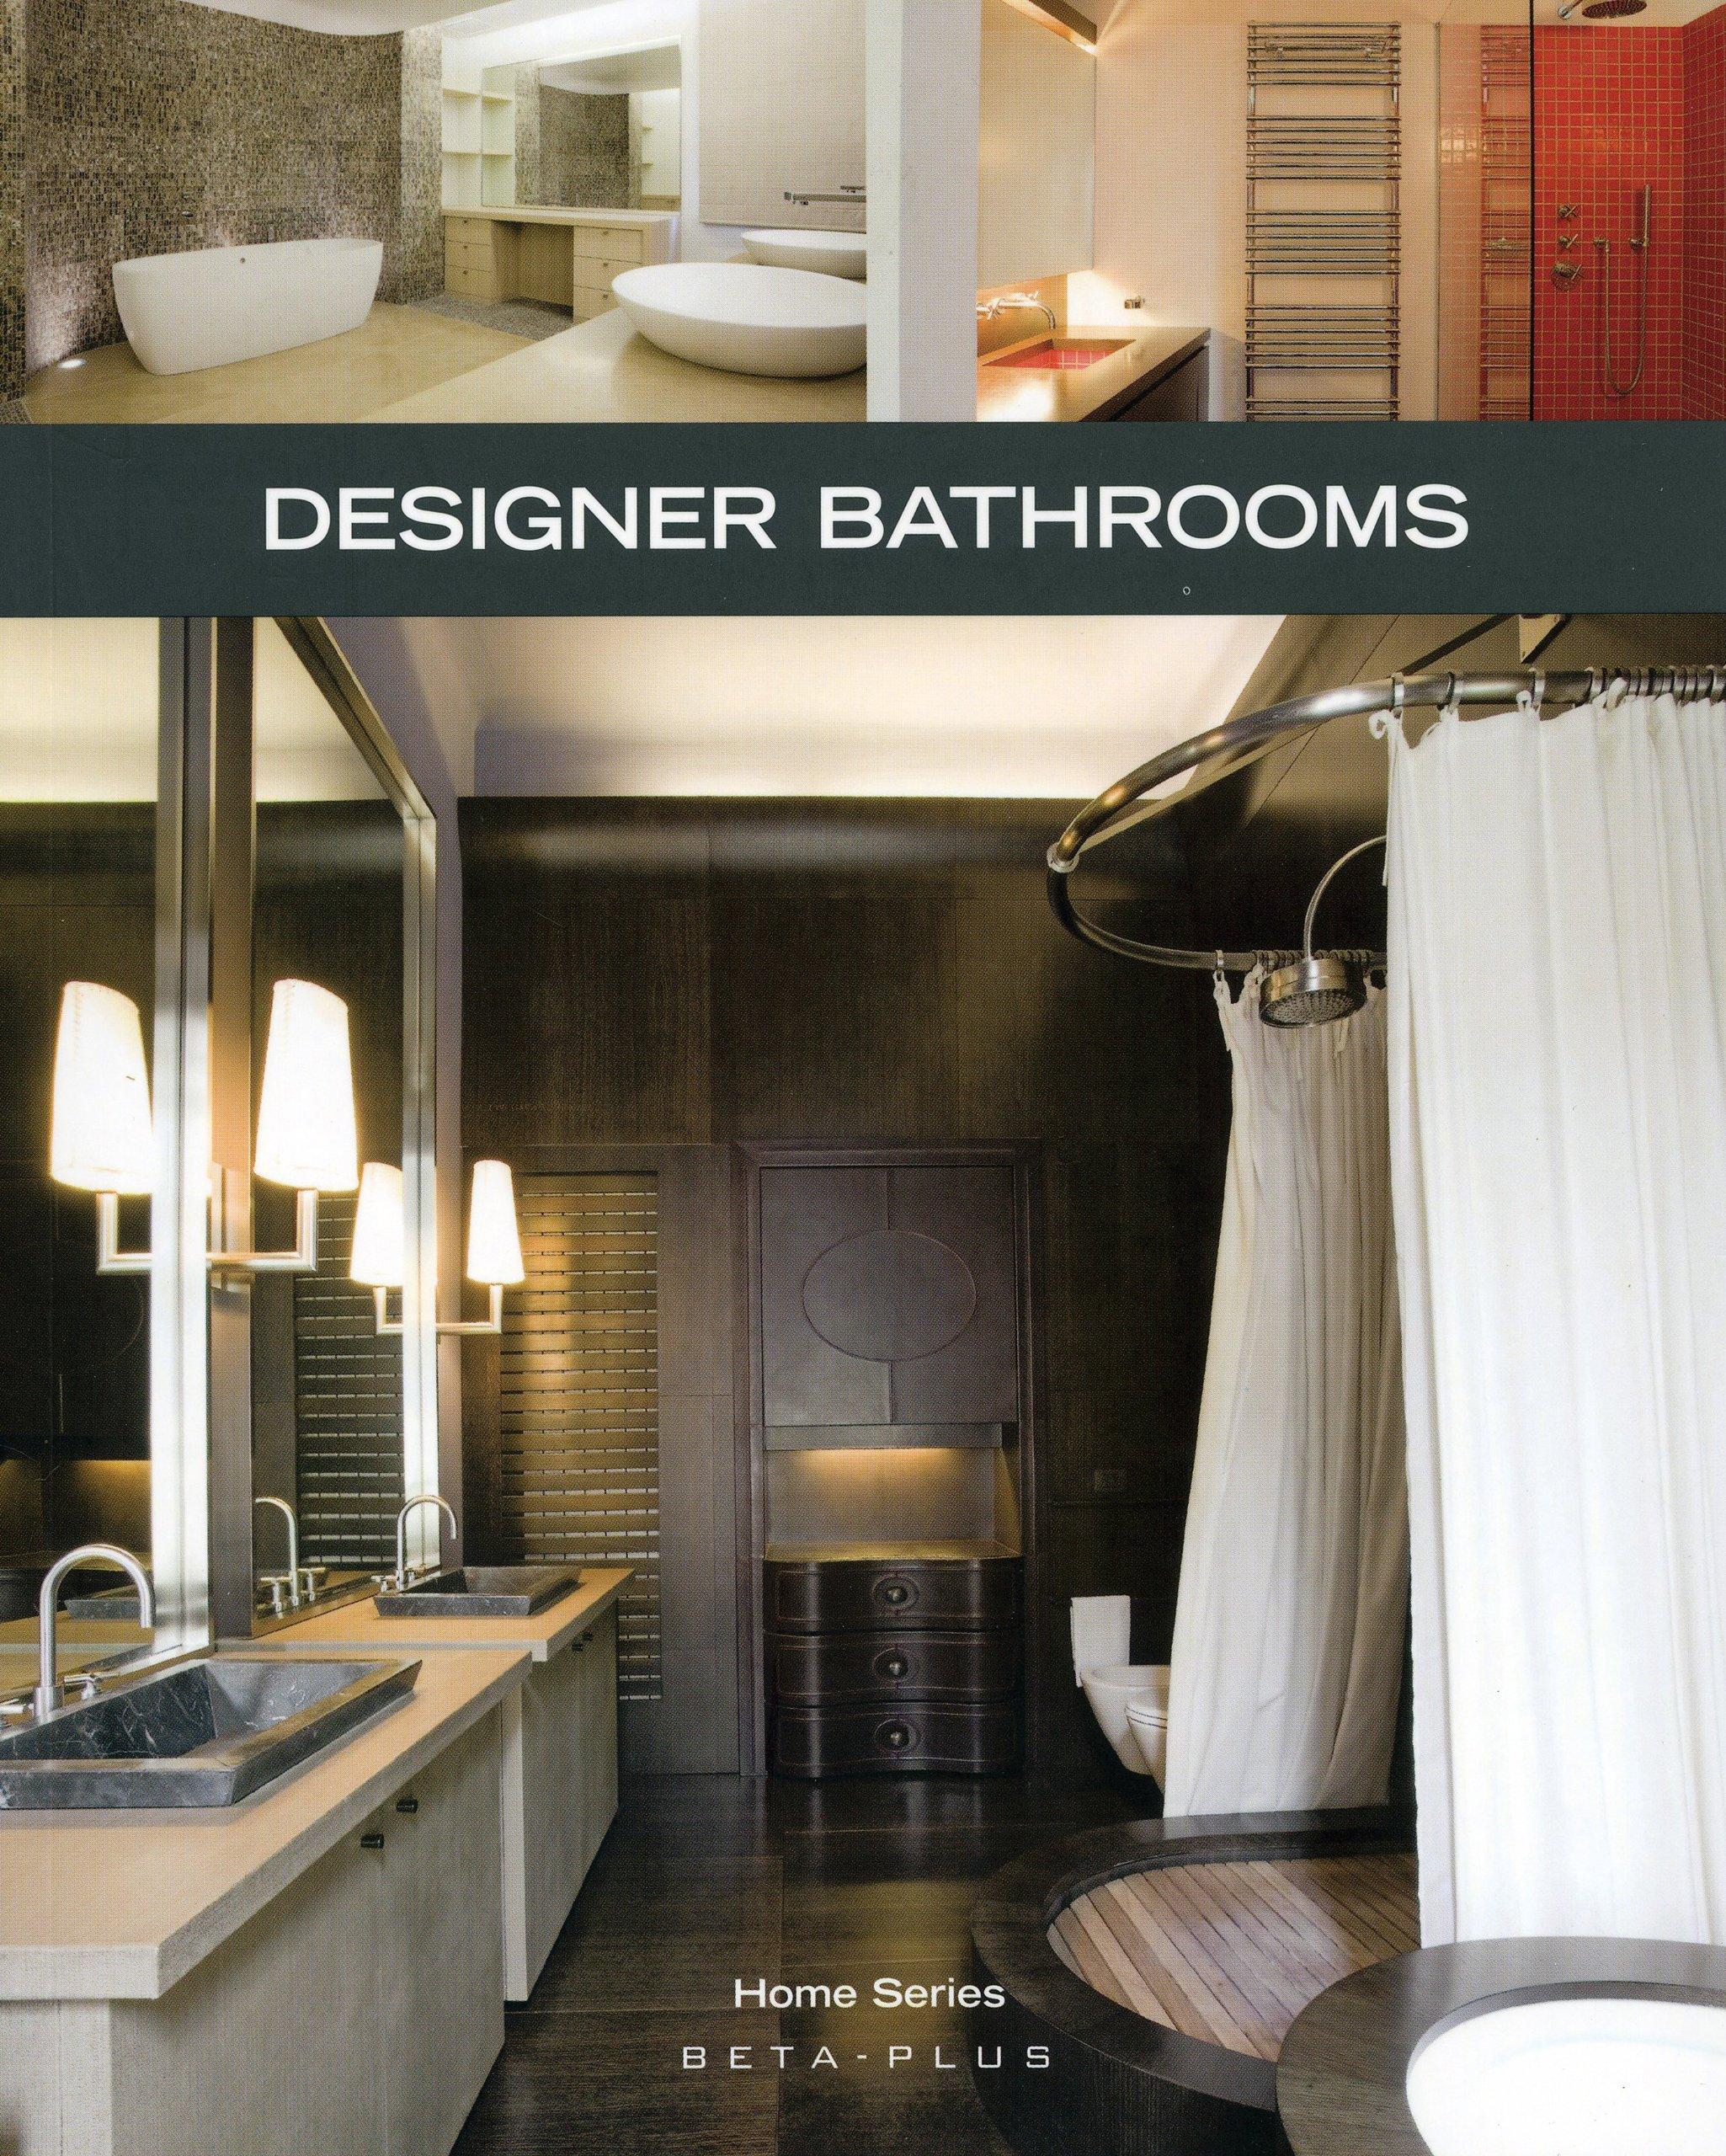 Amazon Com Designer Bathrooms Home 9789089440495 Beta Plus Publishing Books